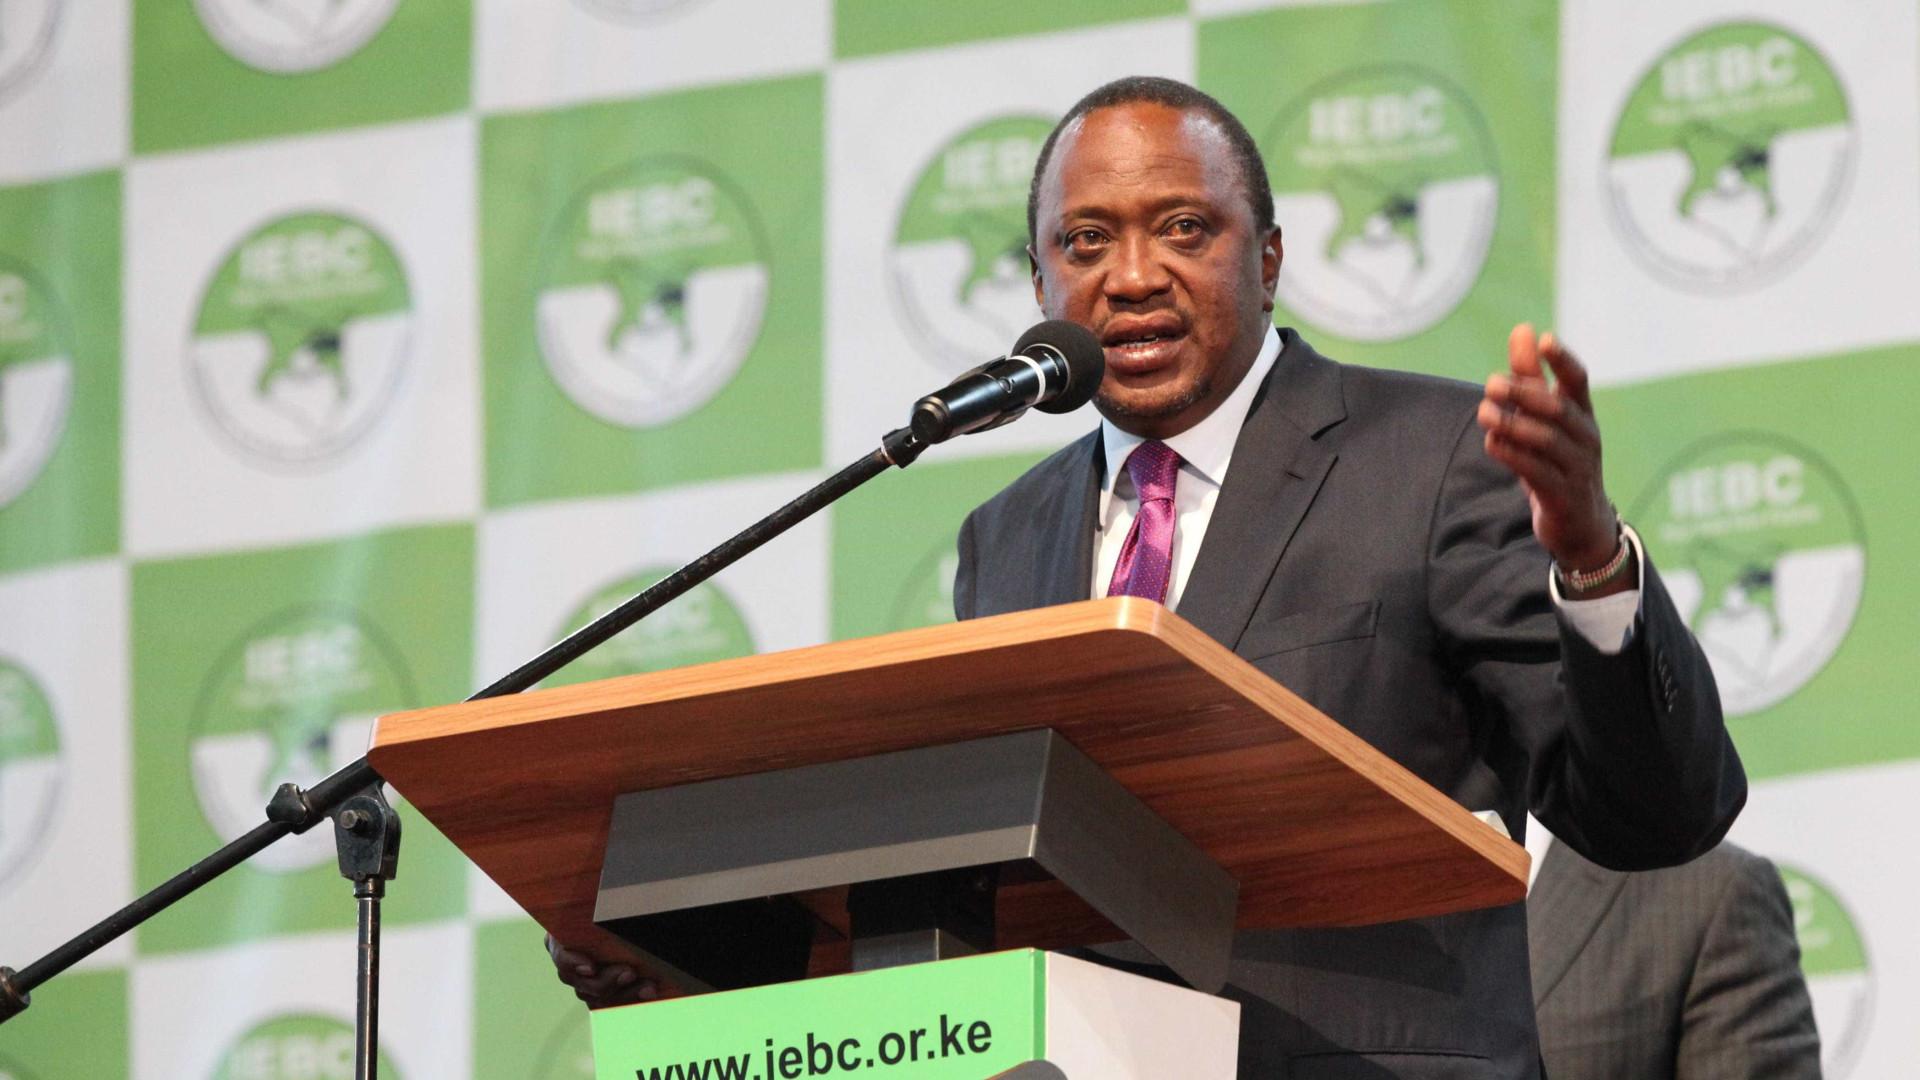 União Europeia felicita Presidente do Quénia pela sua reeleição